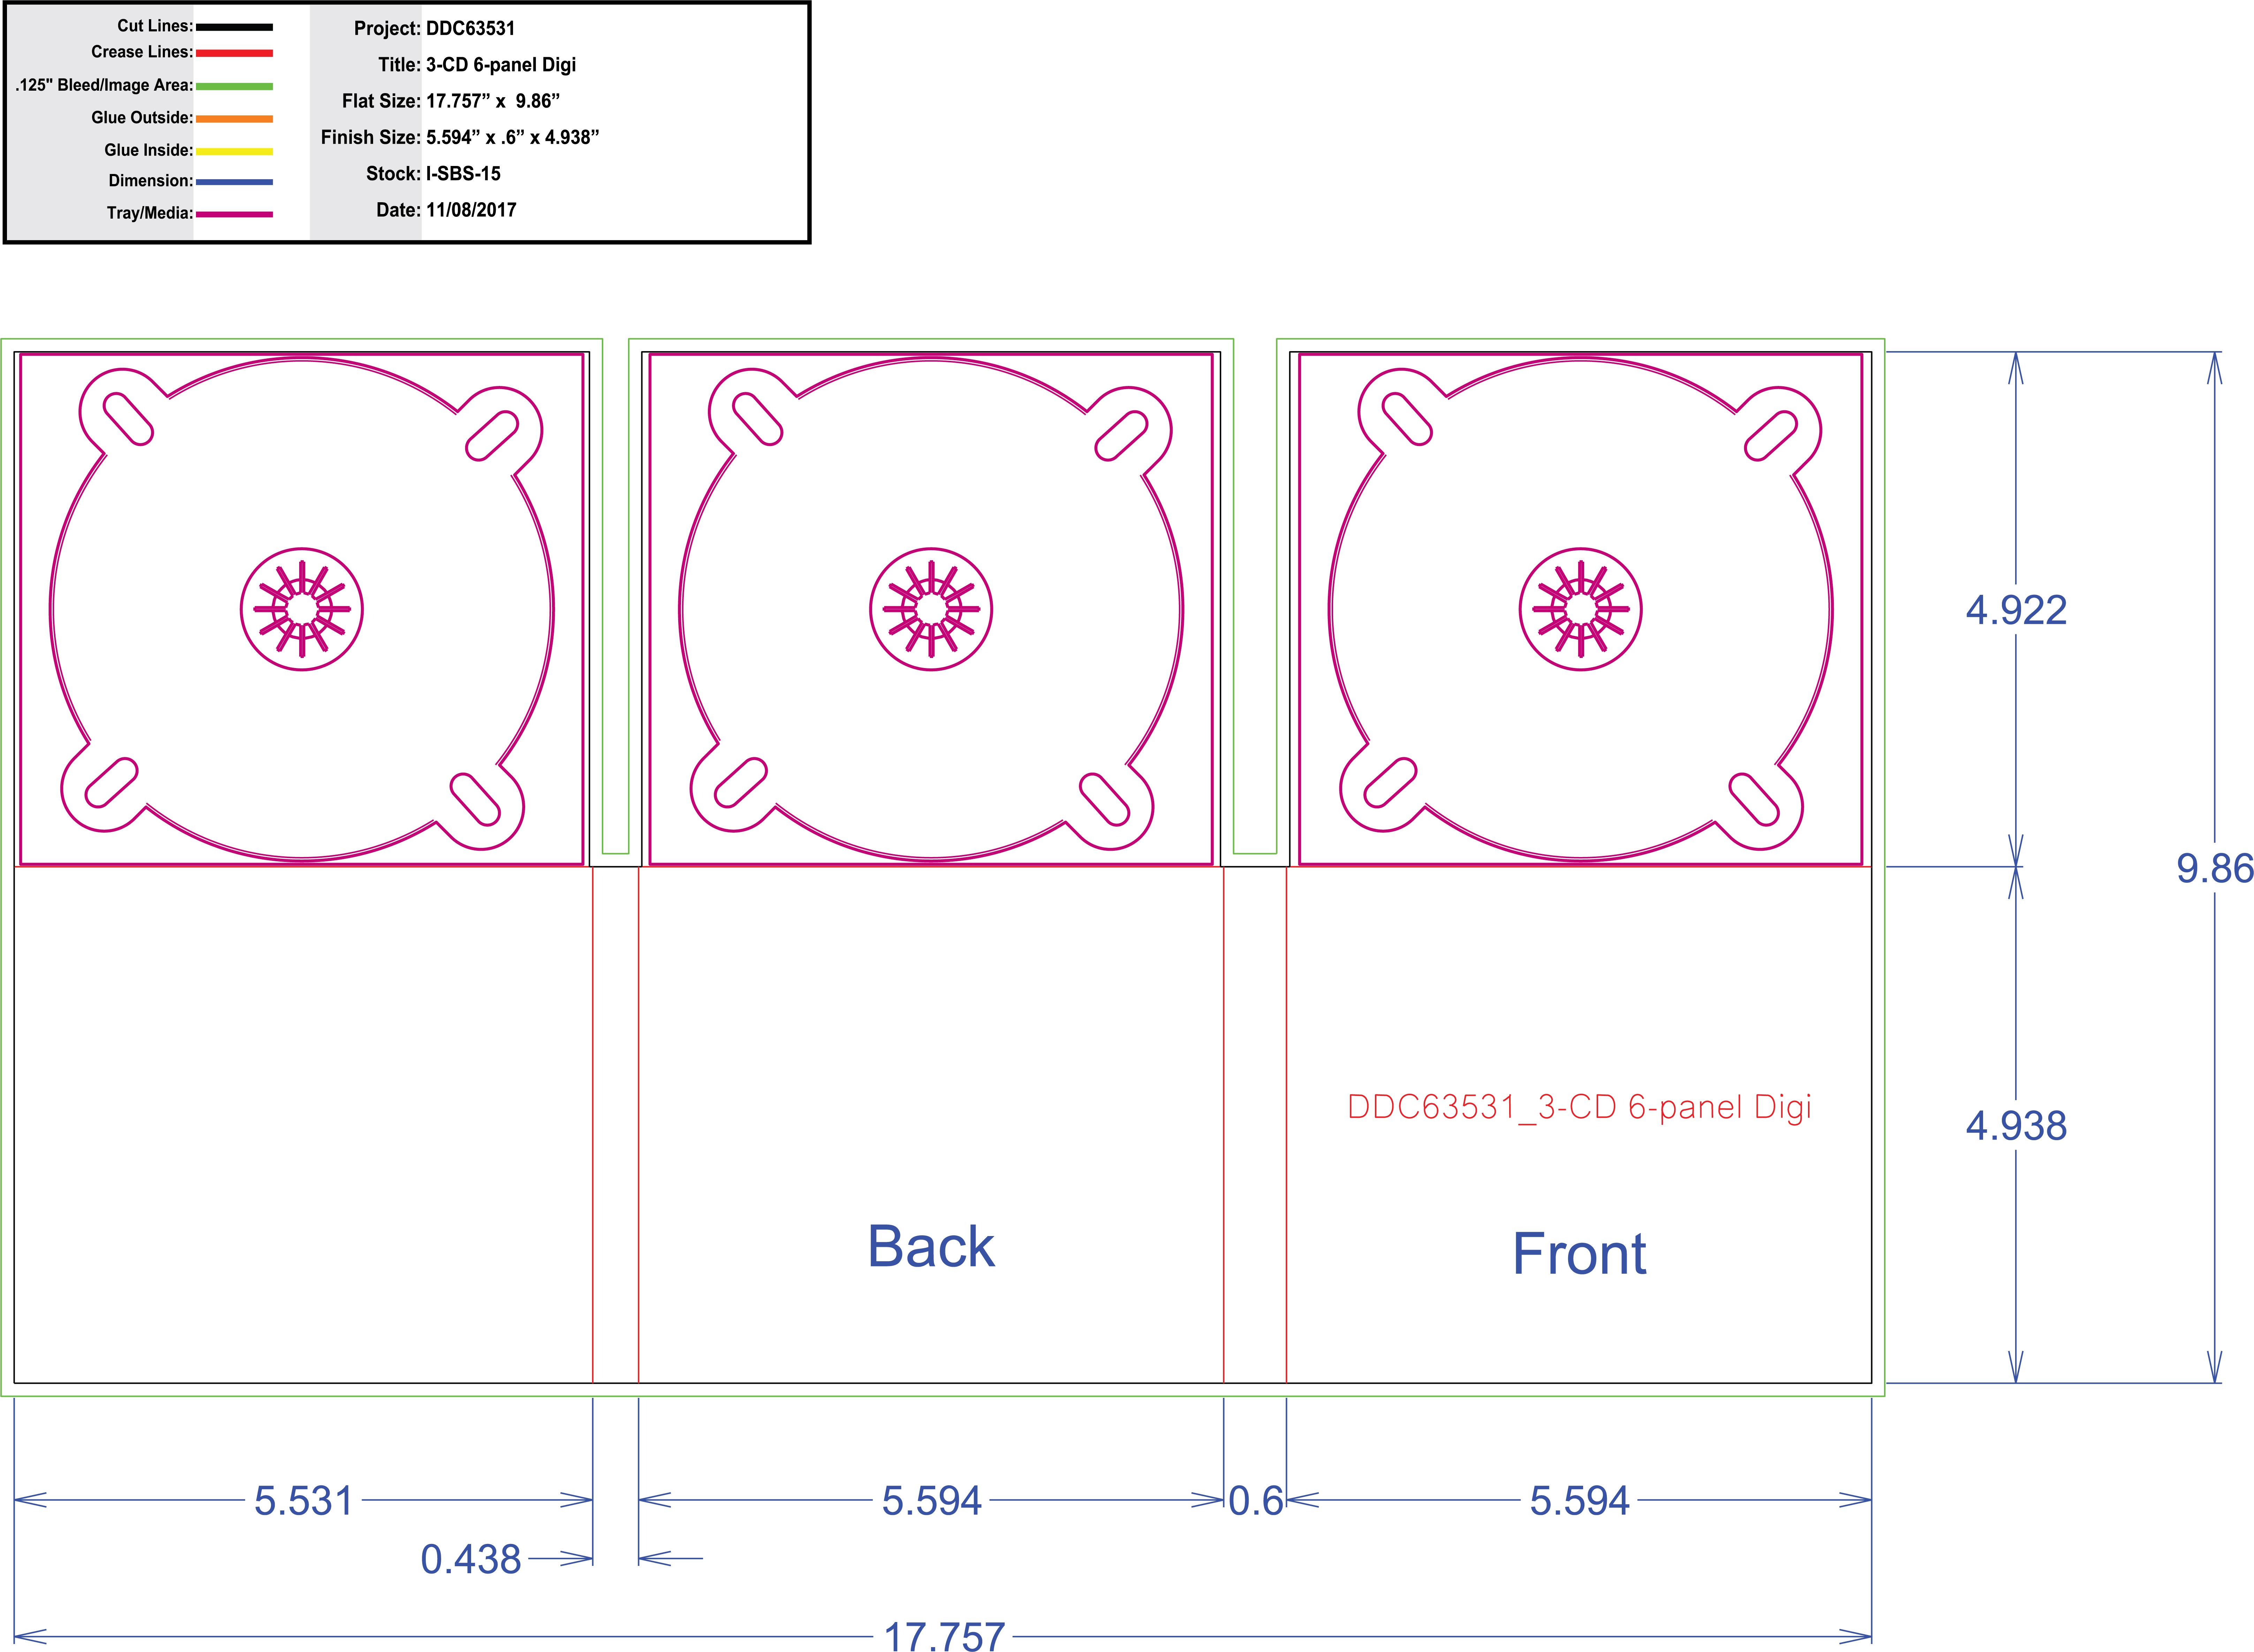 DDC63531 - 6 panel Digi Three Tray Roll Fold